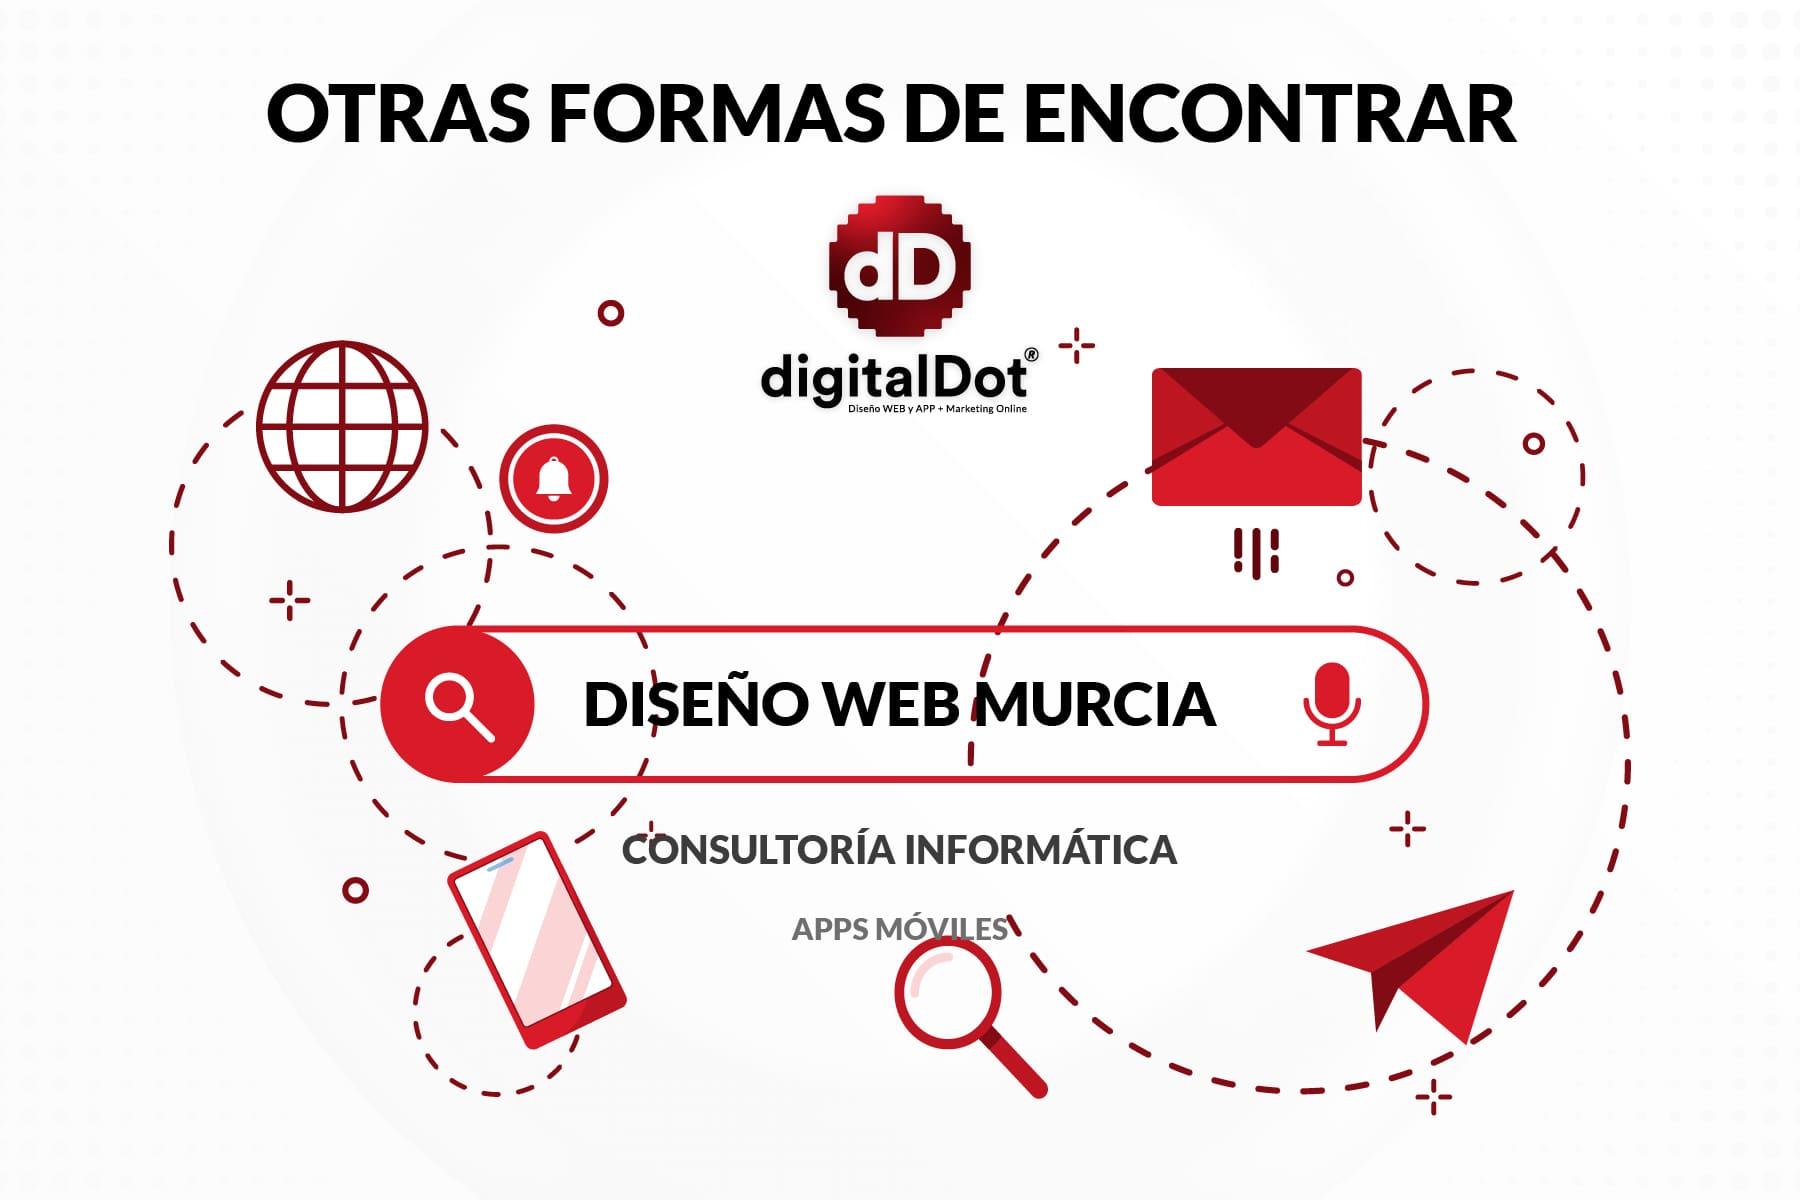 Otras formas de encontrar DigitalDot